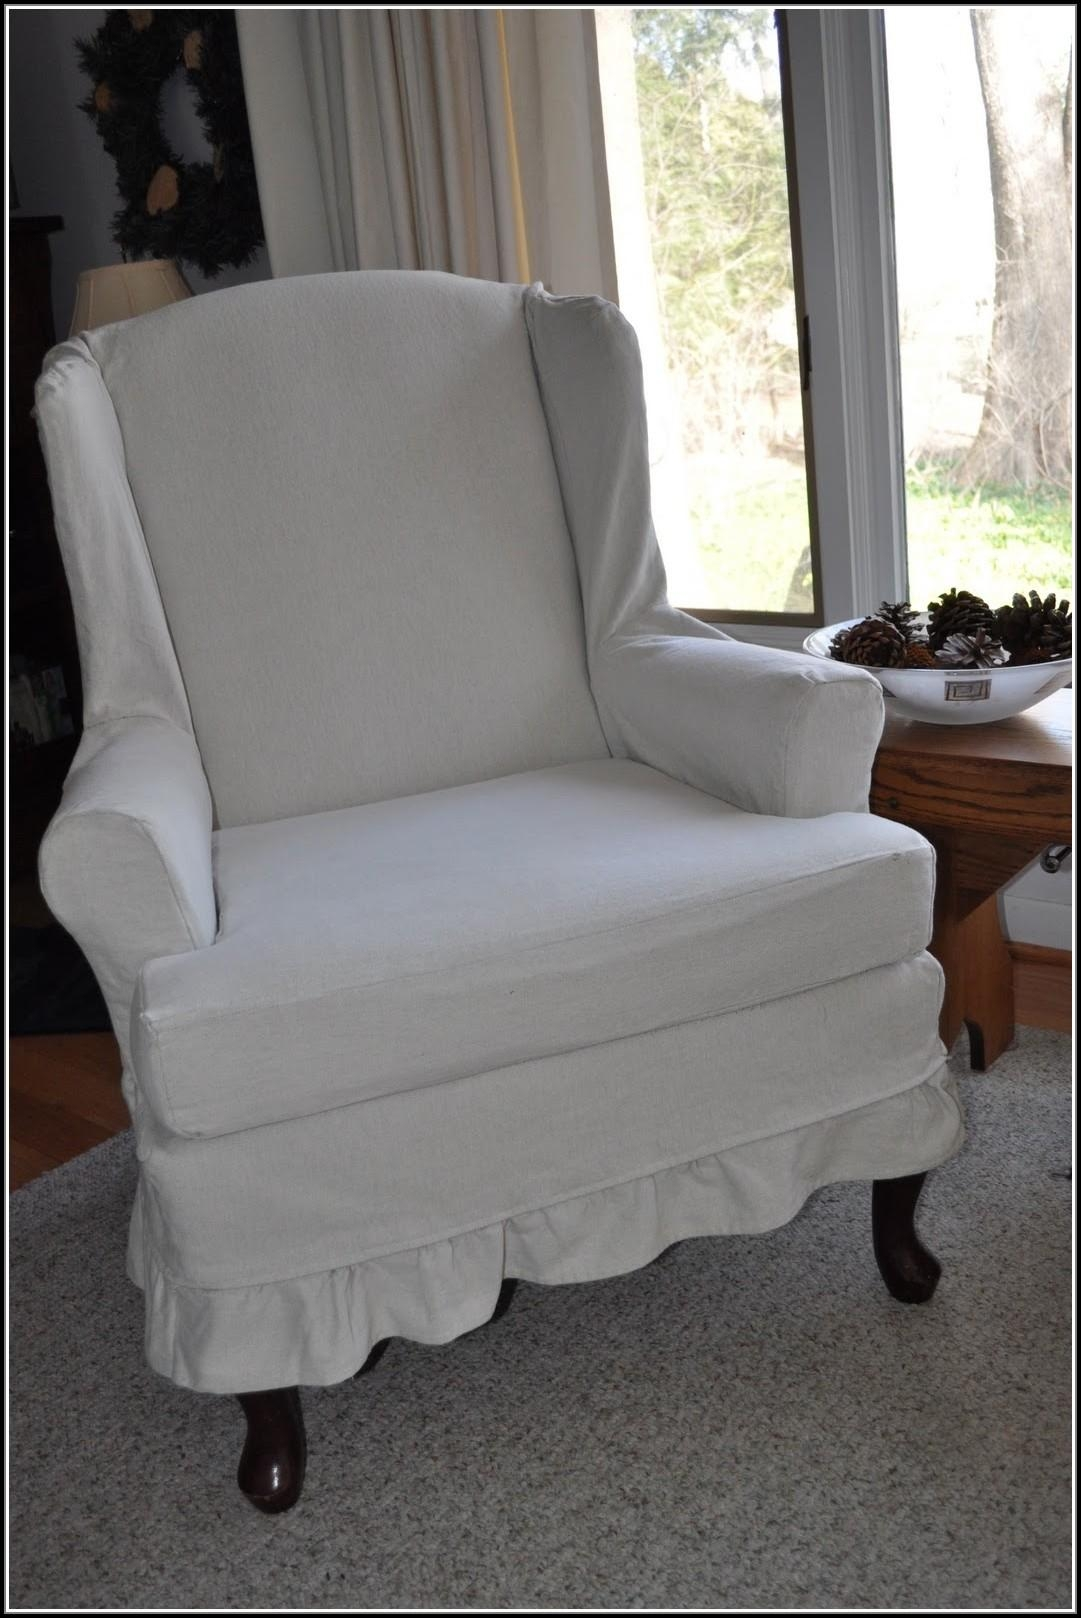 2017 Latest Pottery Barn Chair Slipcovers Sofa Ideas